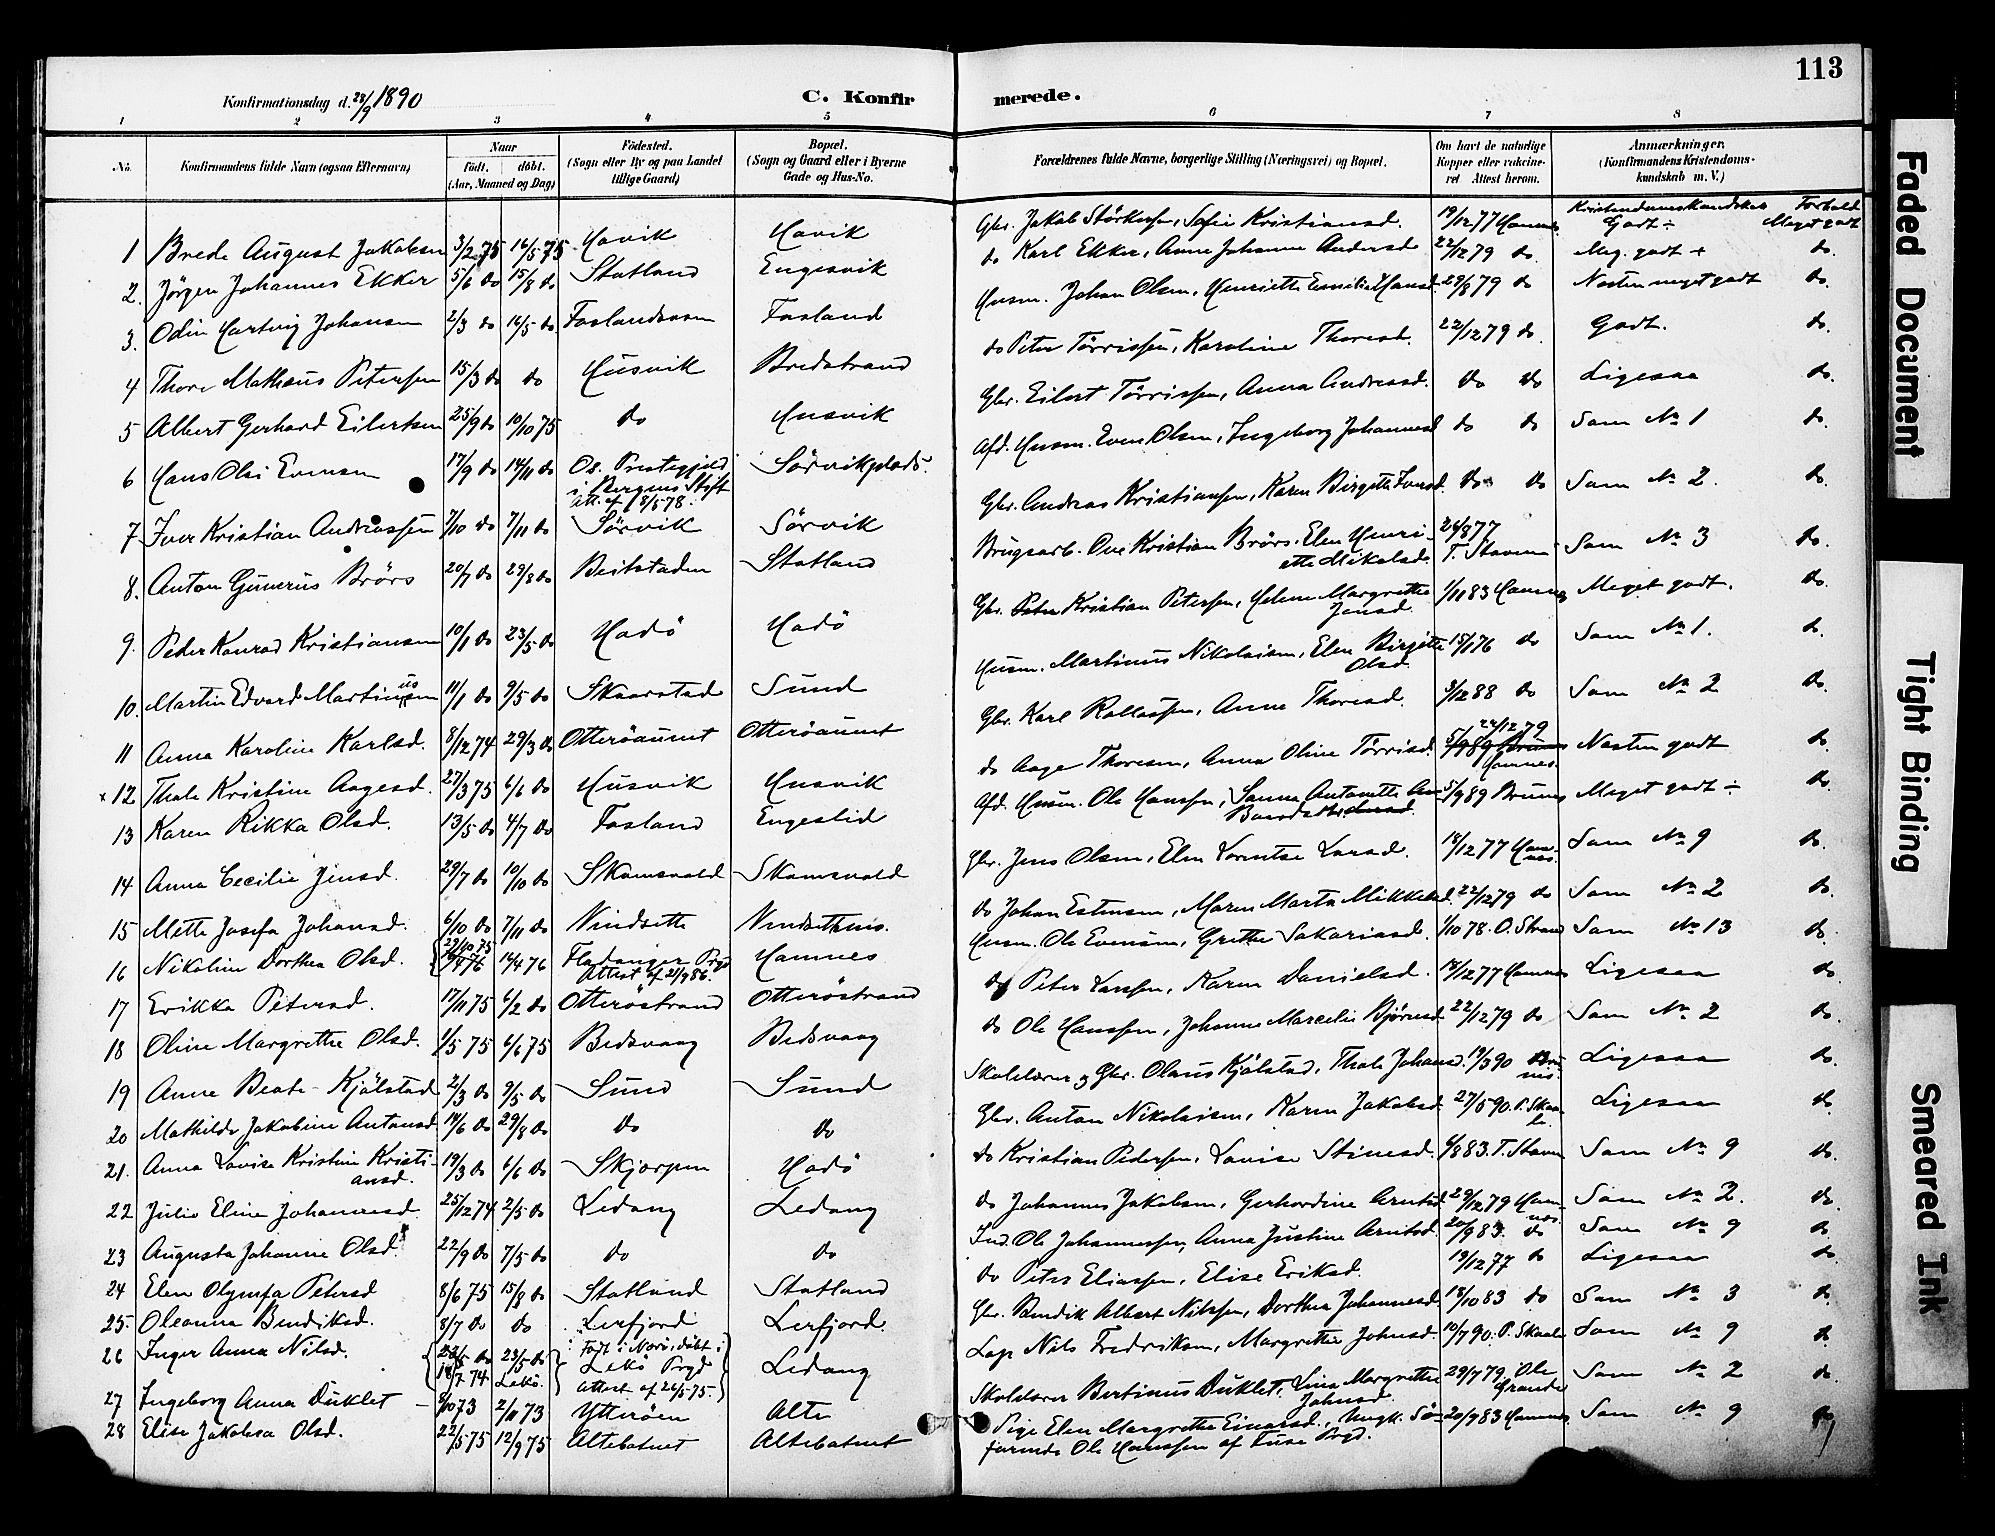 SAT, Ministerialprotokoller, klokkerbøker og fødselsregistre - Nord-Trøndelag, 774/L0628: Ministerialbok nr. 774A02, 1887-1903, s. 113